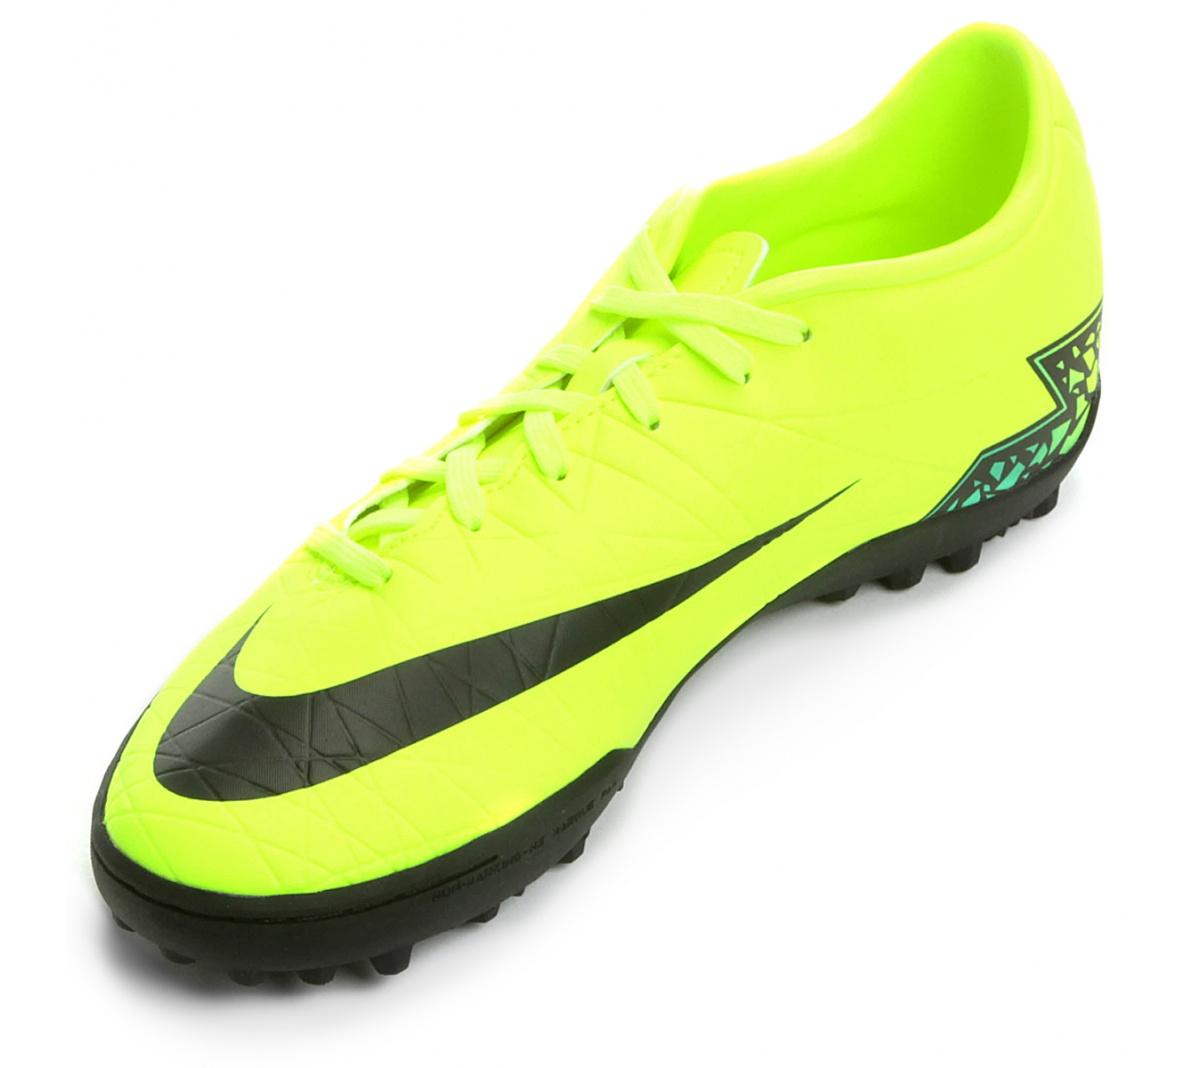 Chuteira Nike Hypervenom Phelon II TF Verde Limão com Preto